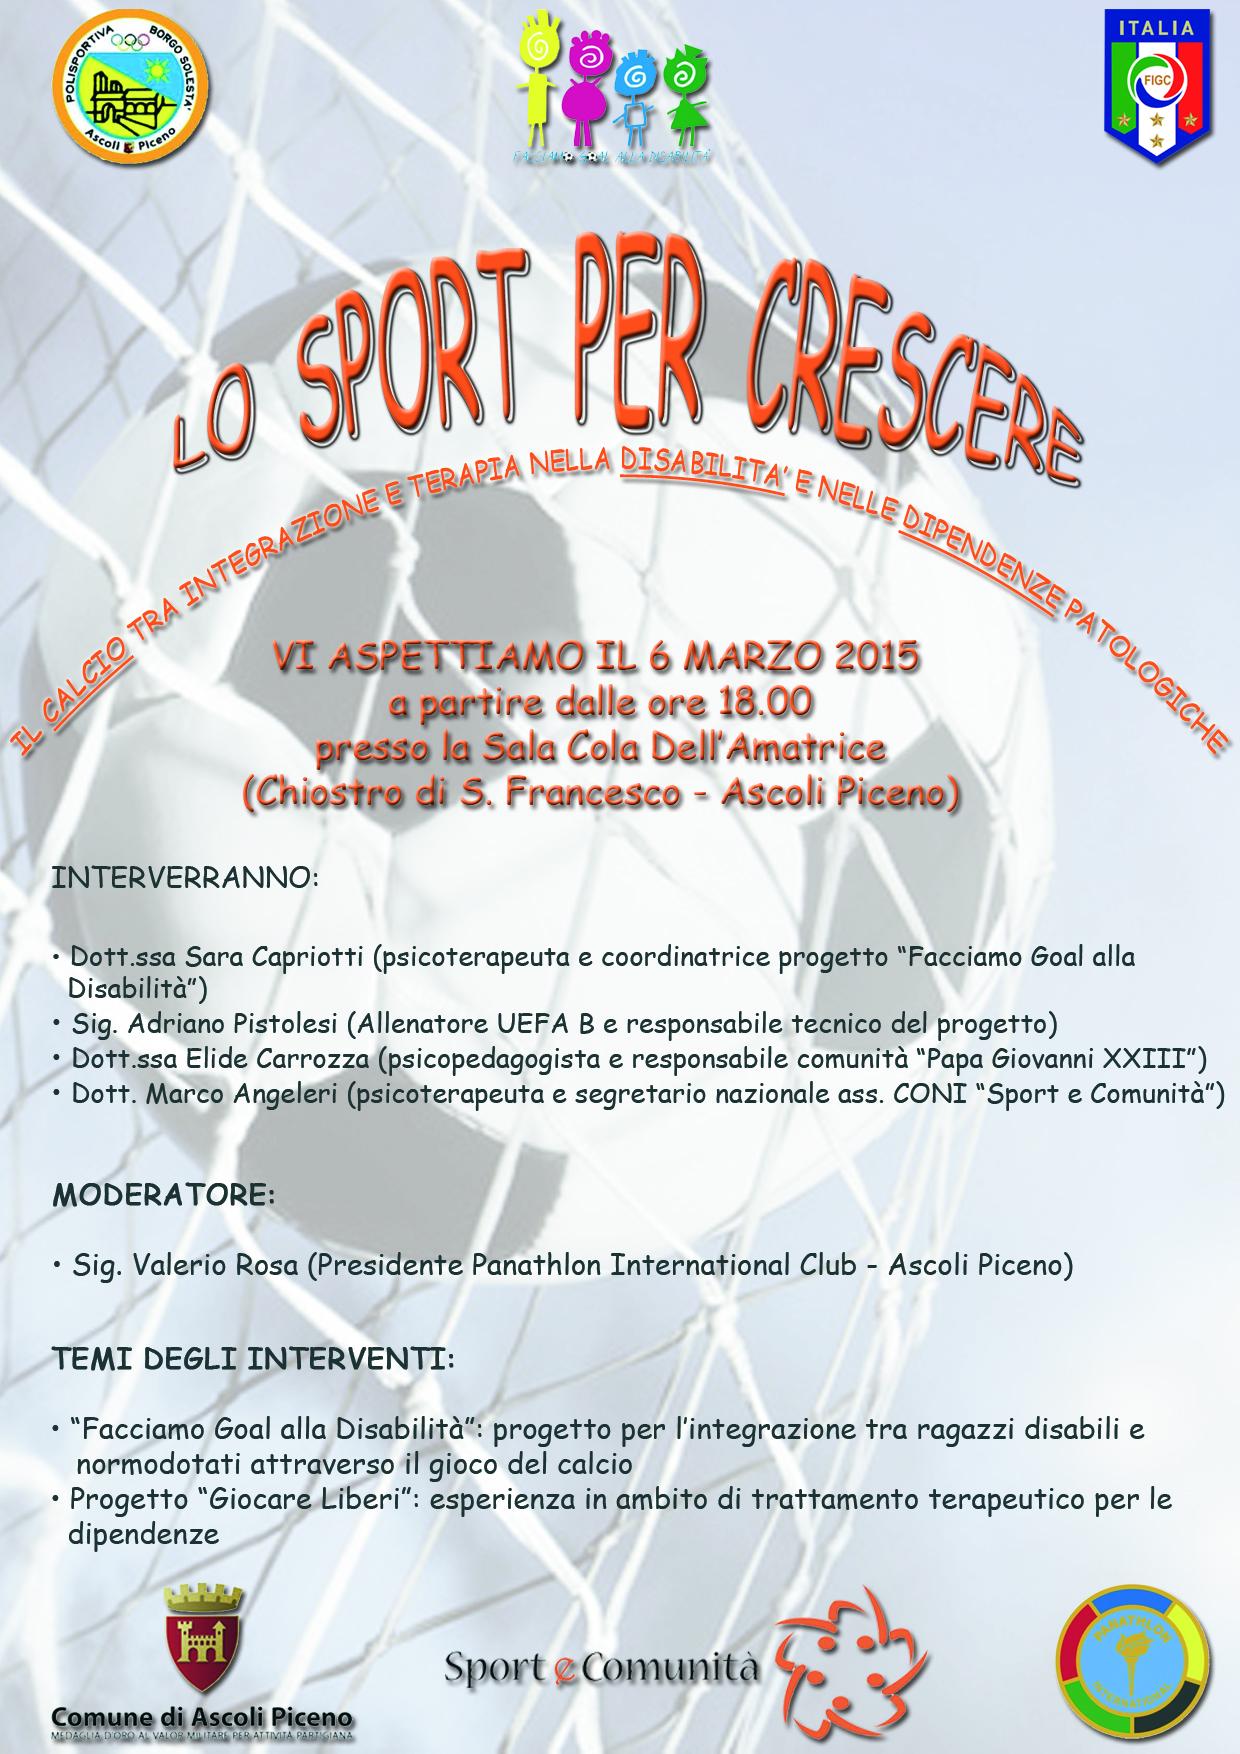 Lo Sport per Crescere – 6 marzo 2015 Ascoli Piceno